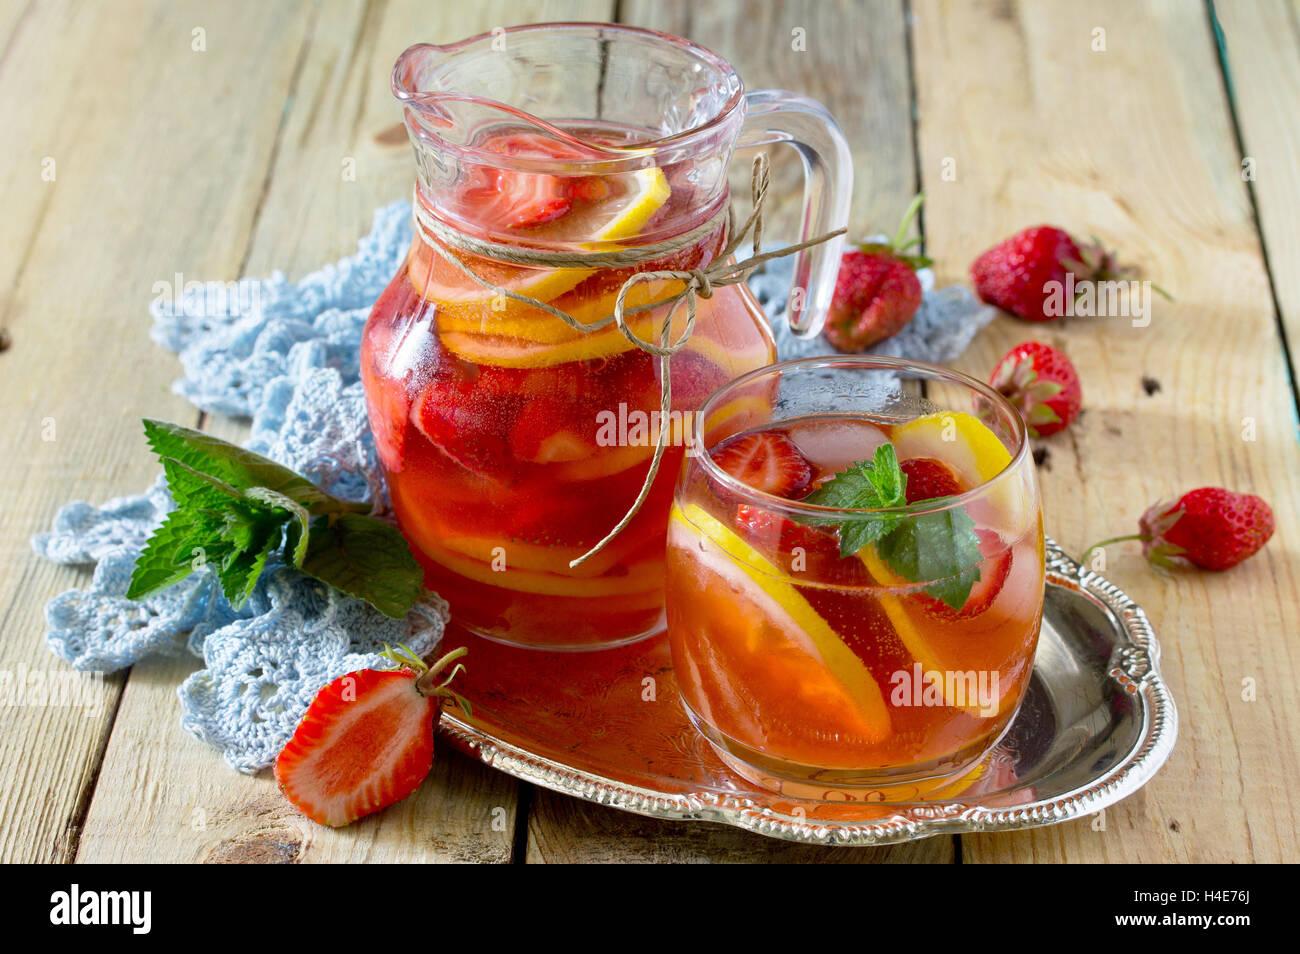 La tradición verano mojito bebida con limón y menta con copia espacio en un estilo rústico. Imagen De Stock